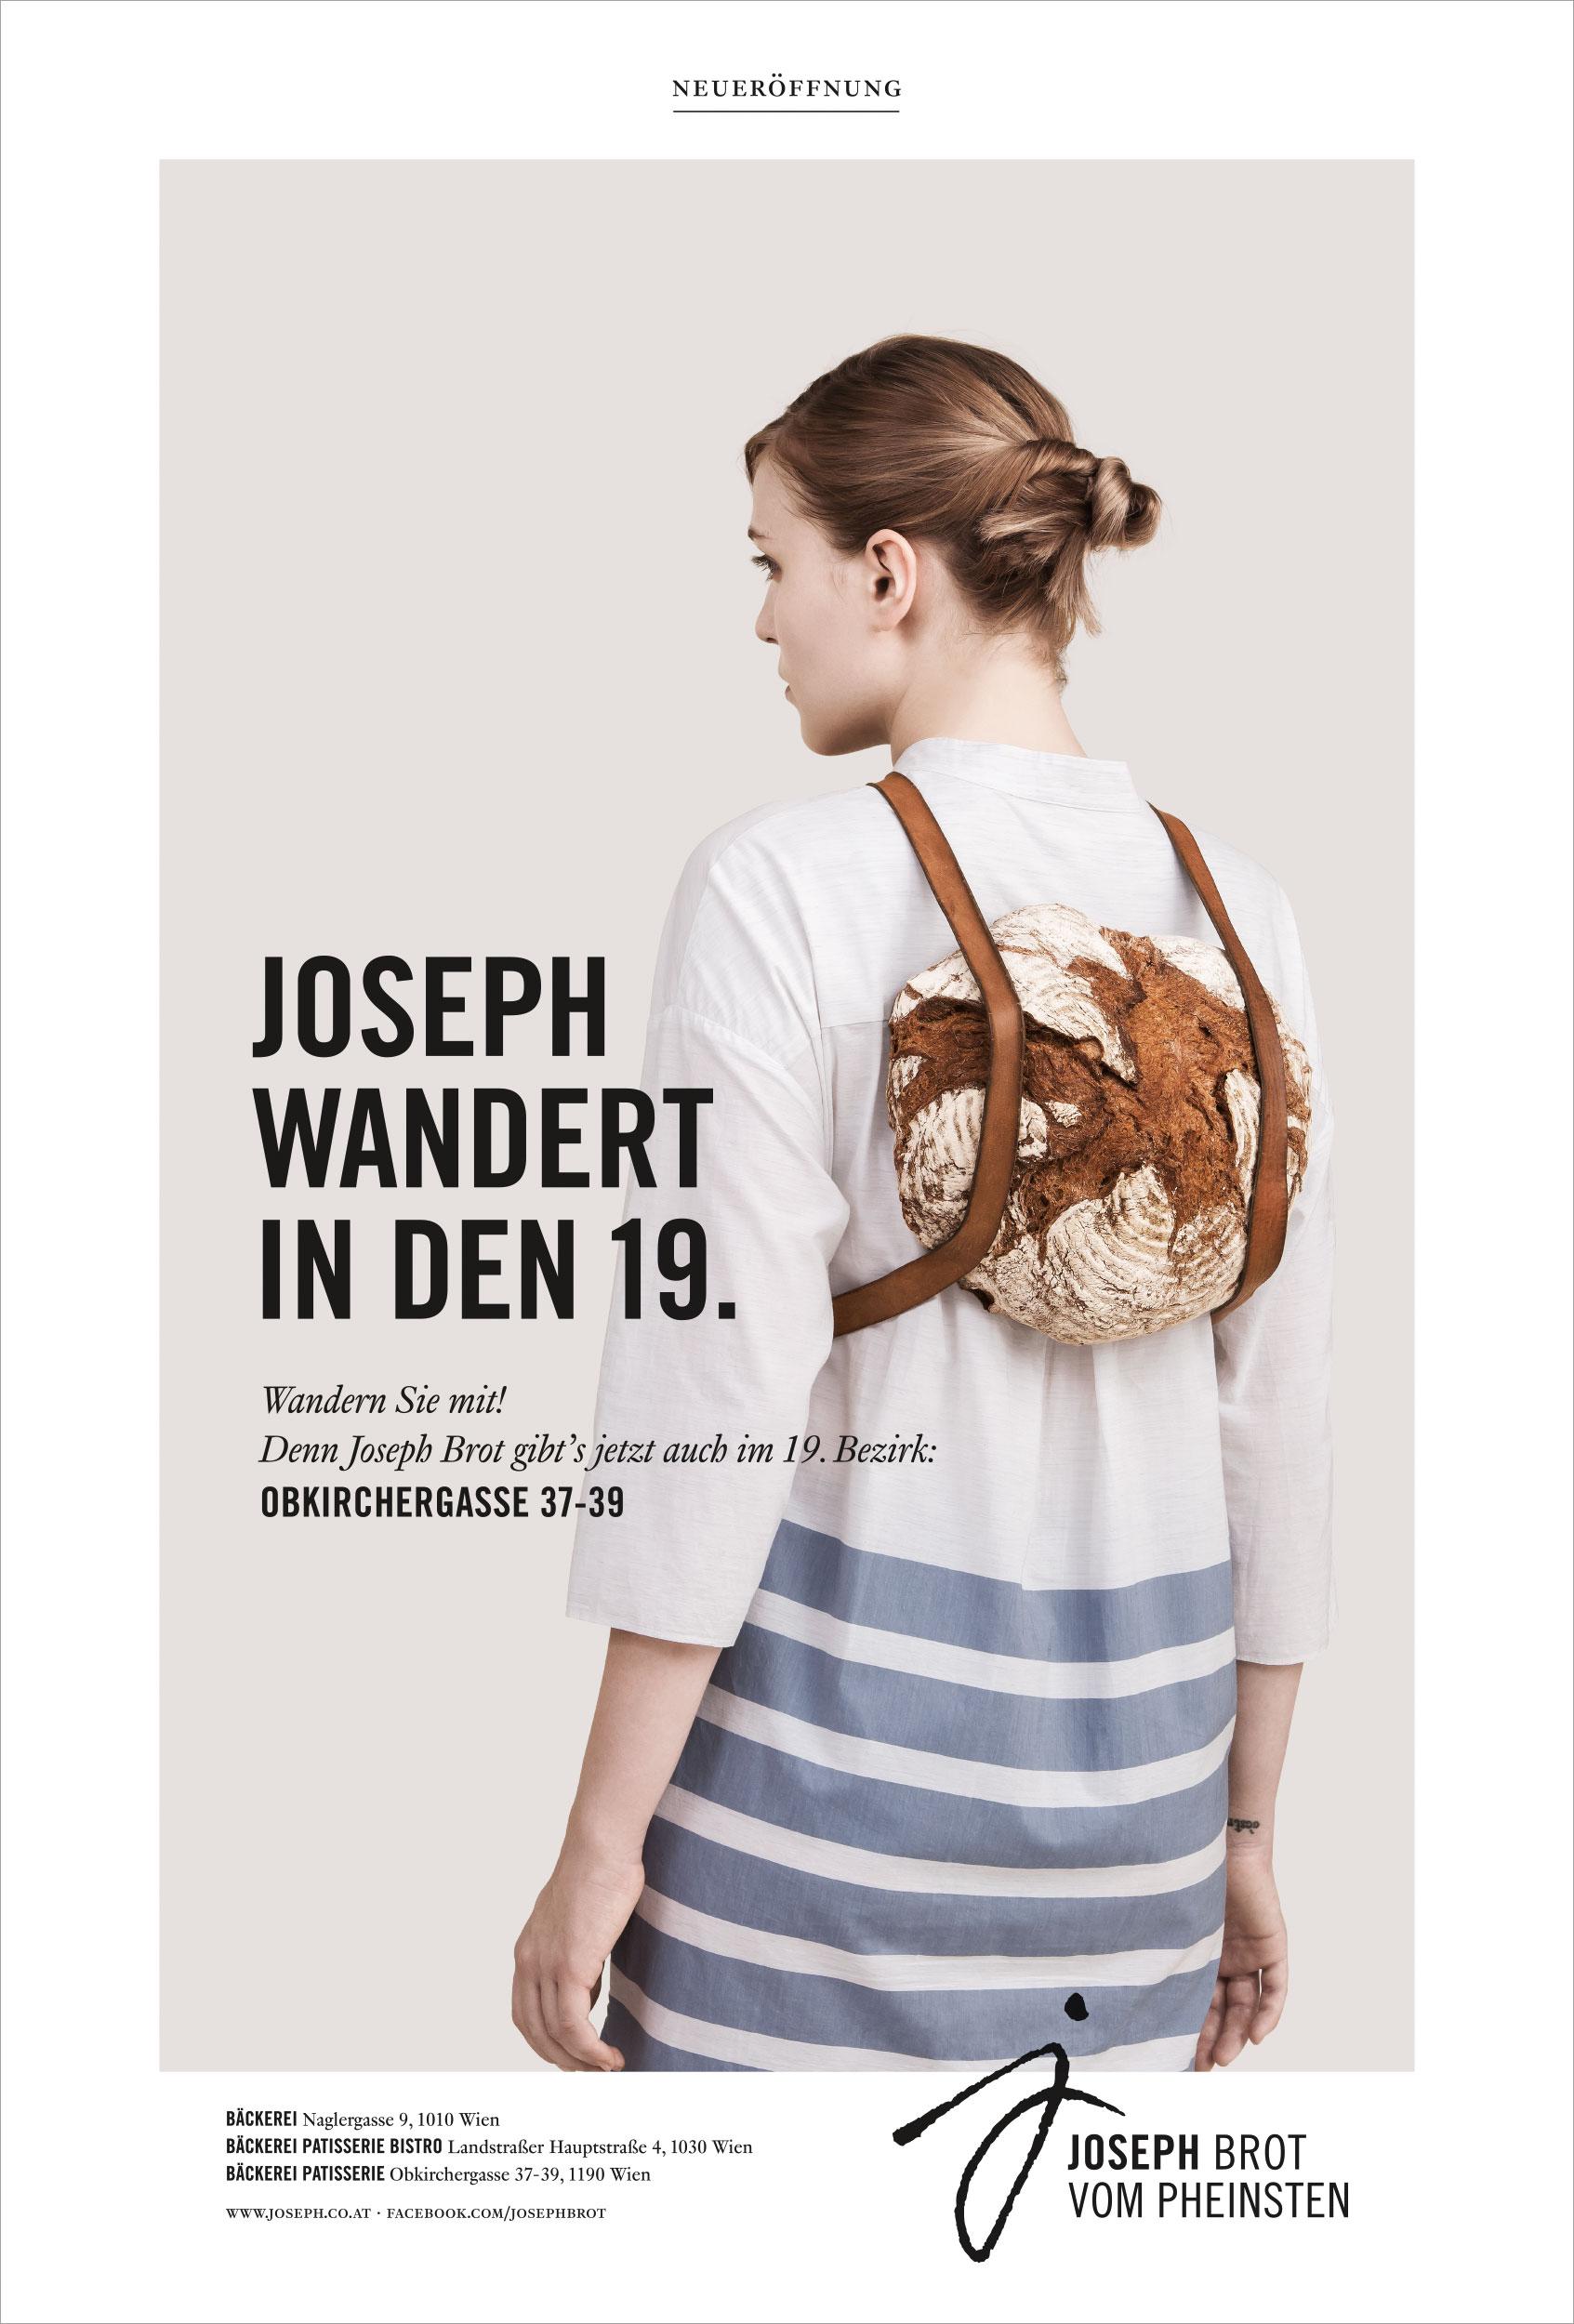 Blaupapier Bildretusche Litho JosephBrot Frau Wandert Citylight